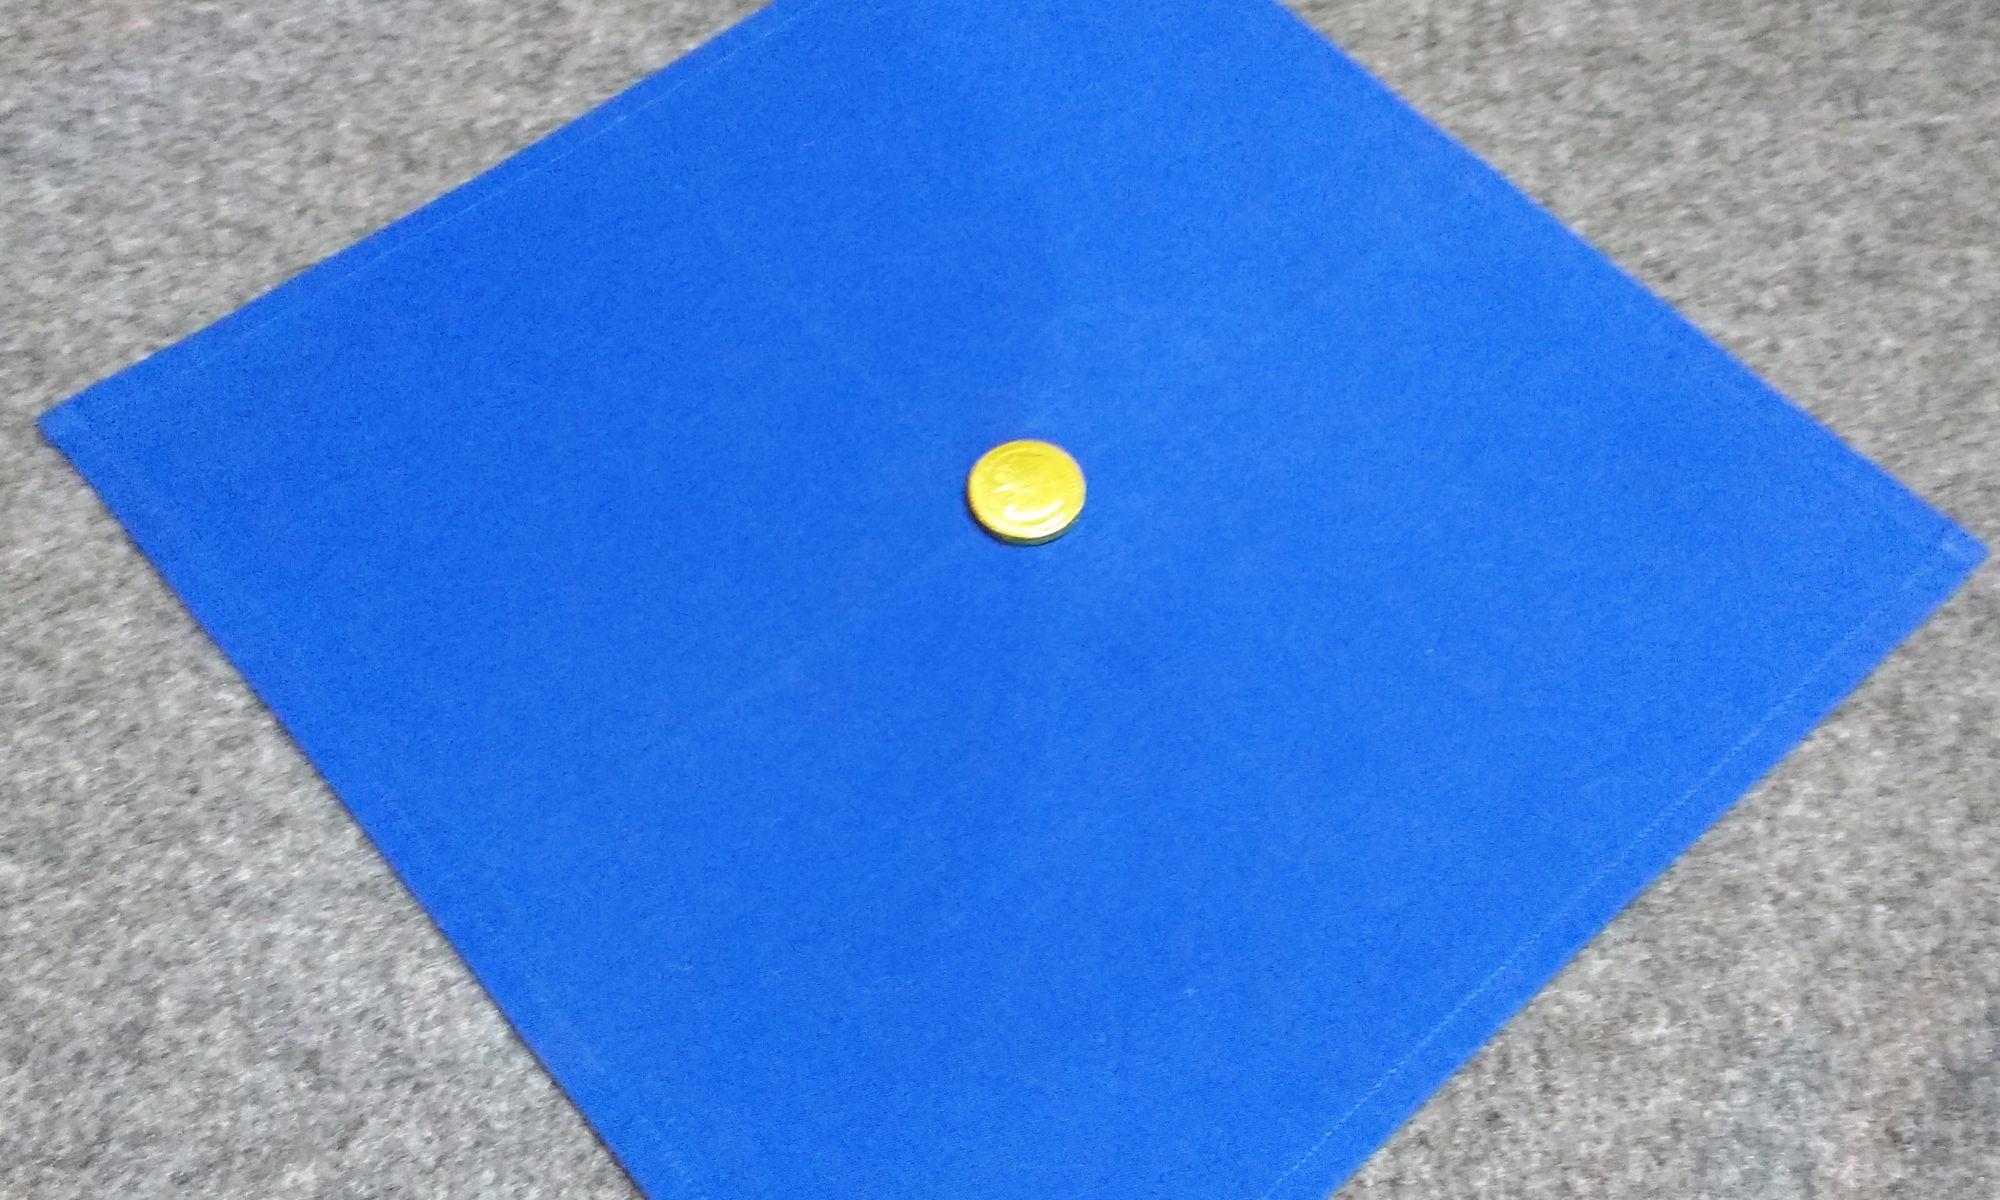 Münze auf dem Tuch